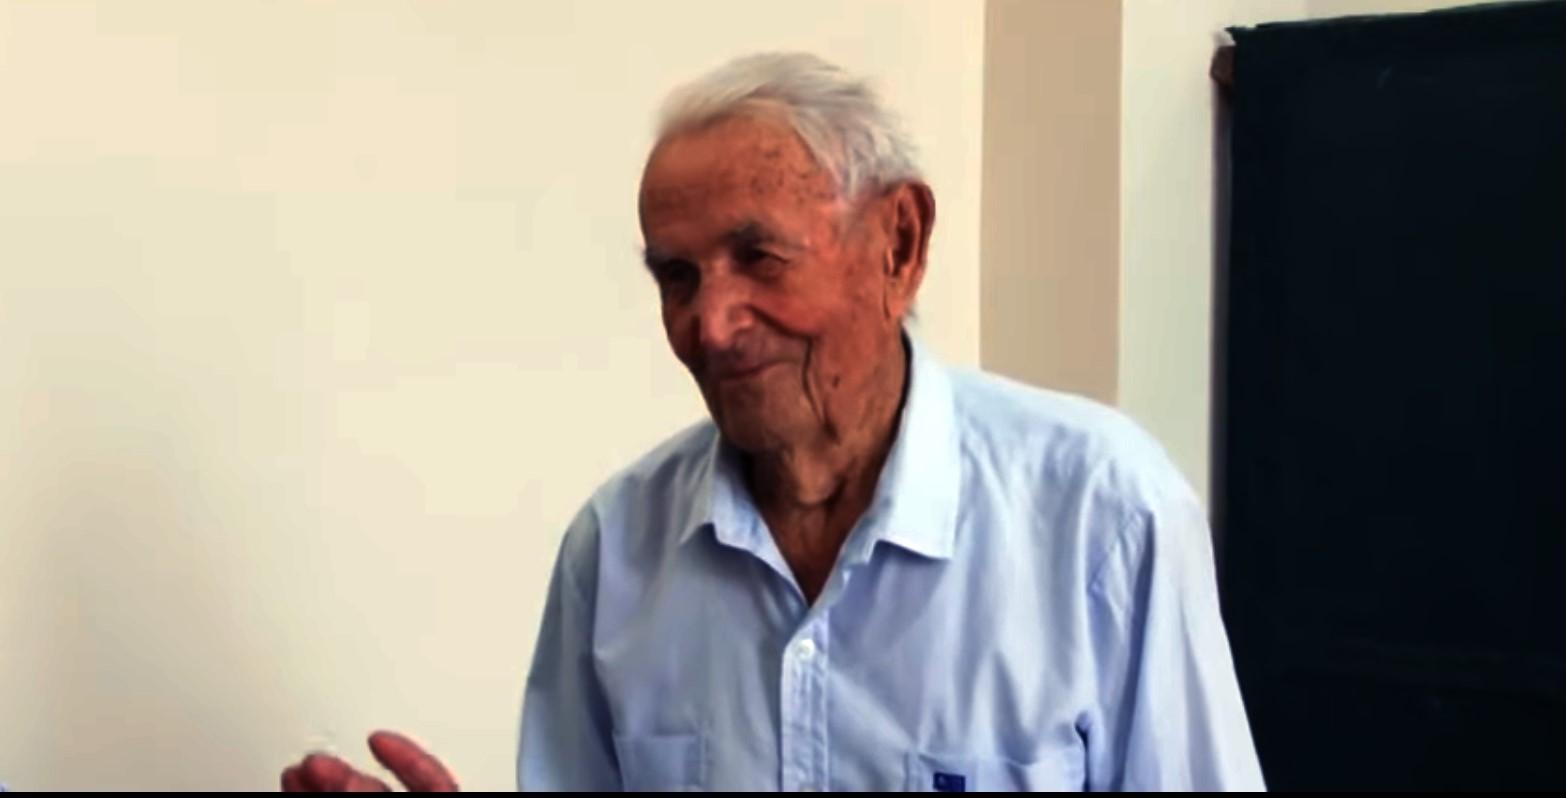 Вік не перепона: на виборчій дільниці Закарпаття проголосував 101-річний мешканець краю